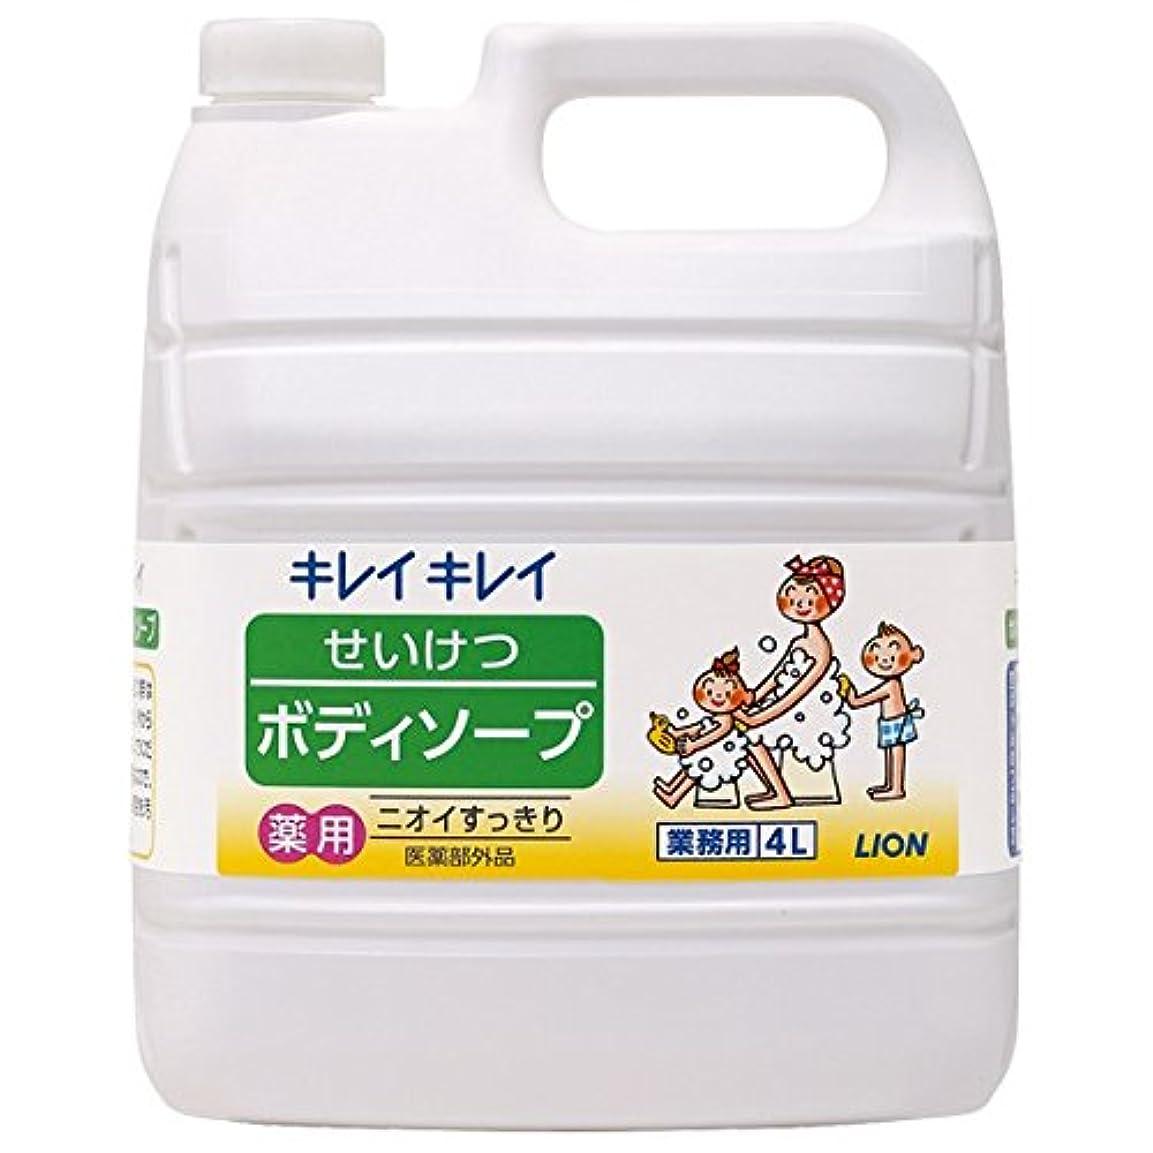 役に立つ傾くフェードアウトライオン キレイキレイ せいけつボディソープ さわやかなレモン&オレンジの香り 業務用 4L×3本